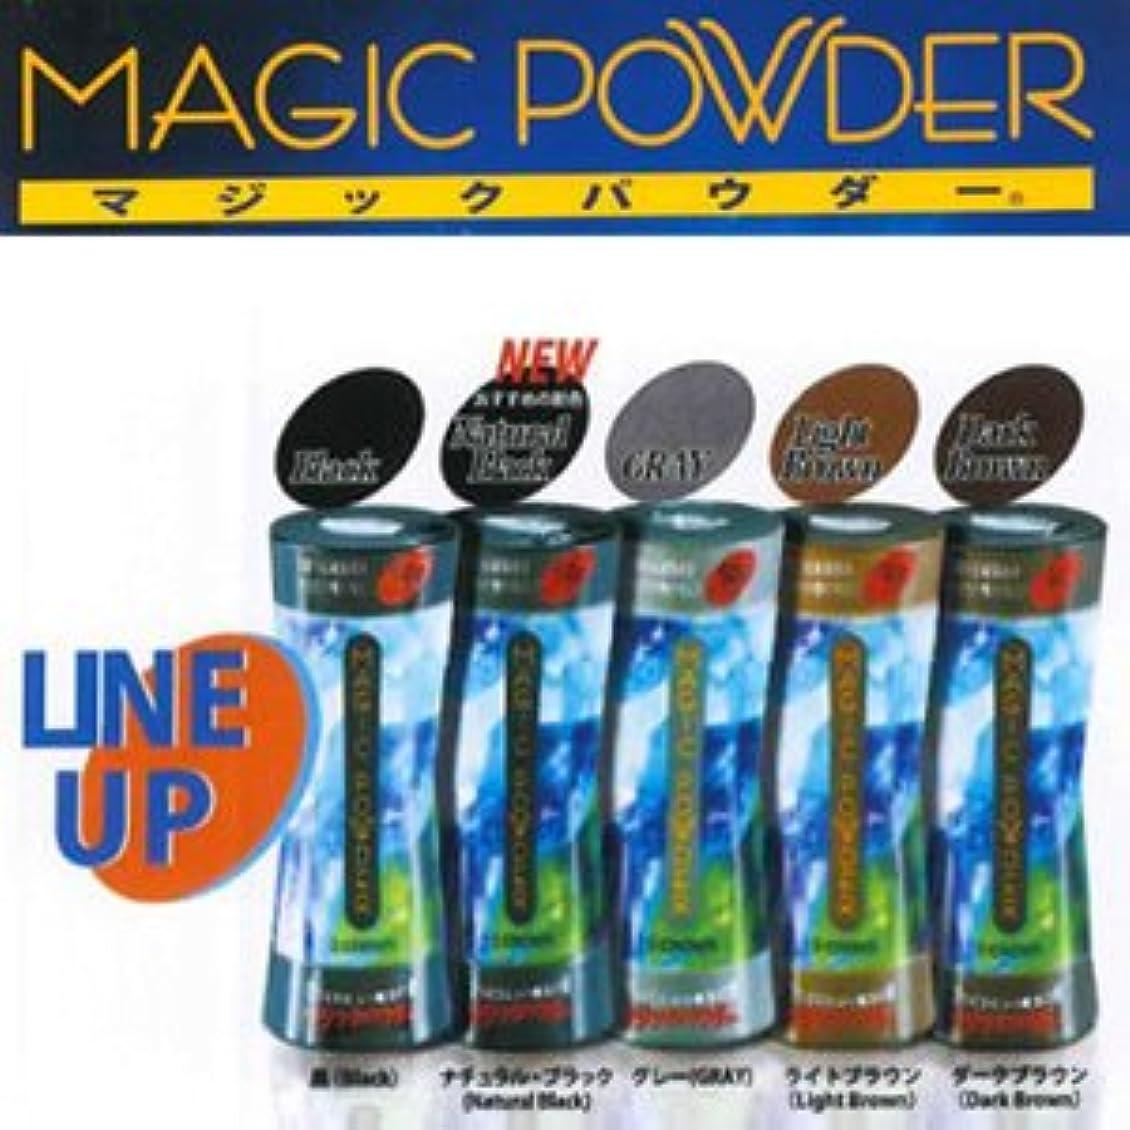 約転倒満足させるMAGIC POWDER マジックパウダー ライトブラウン 50g  ※貴方の髪を簡単ボリュームアップ!